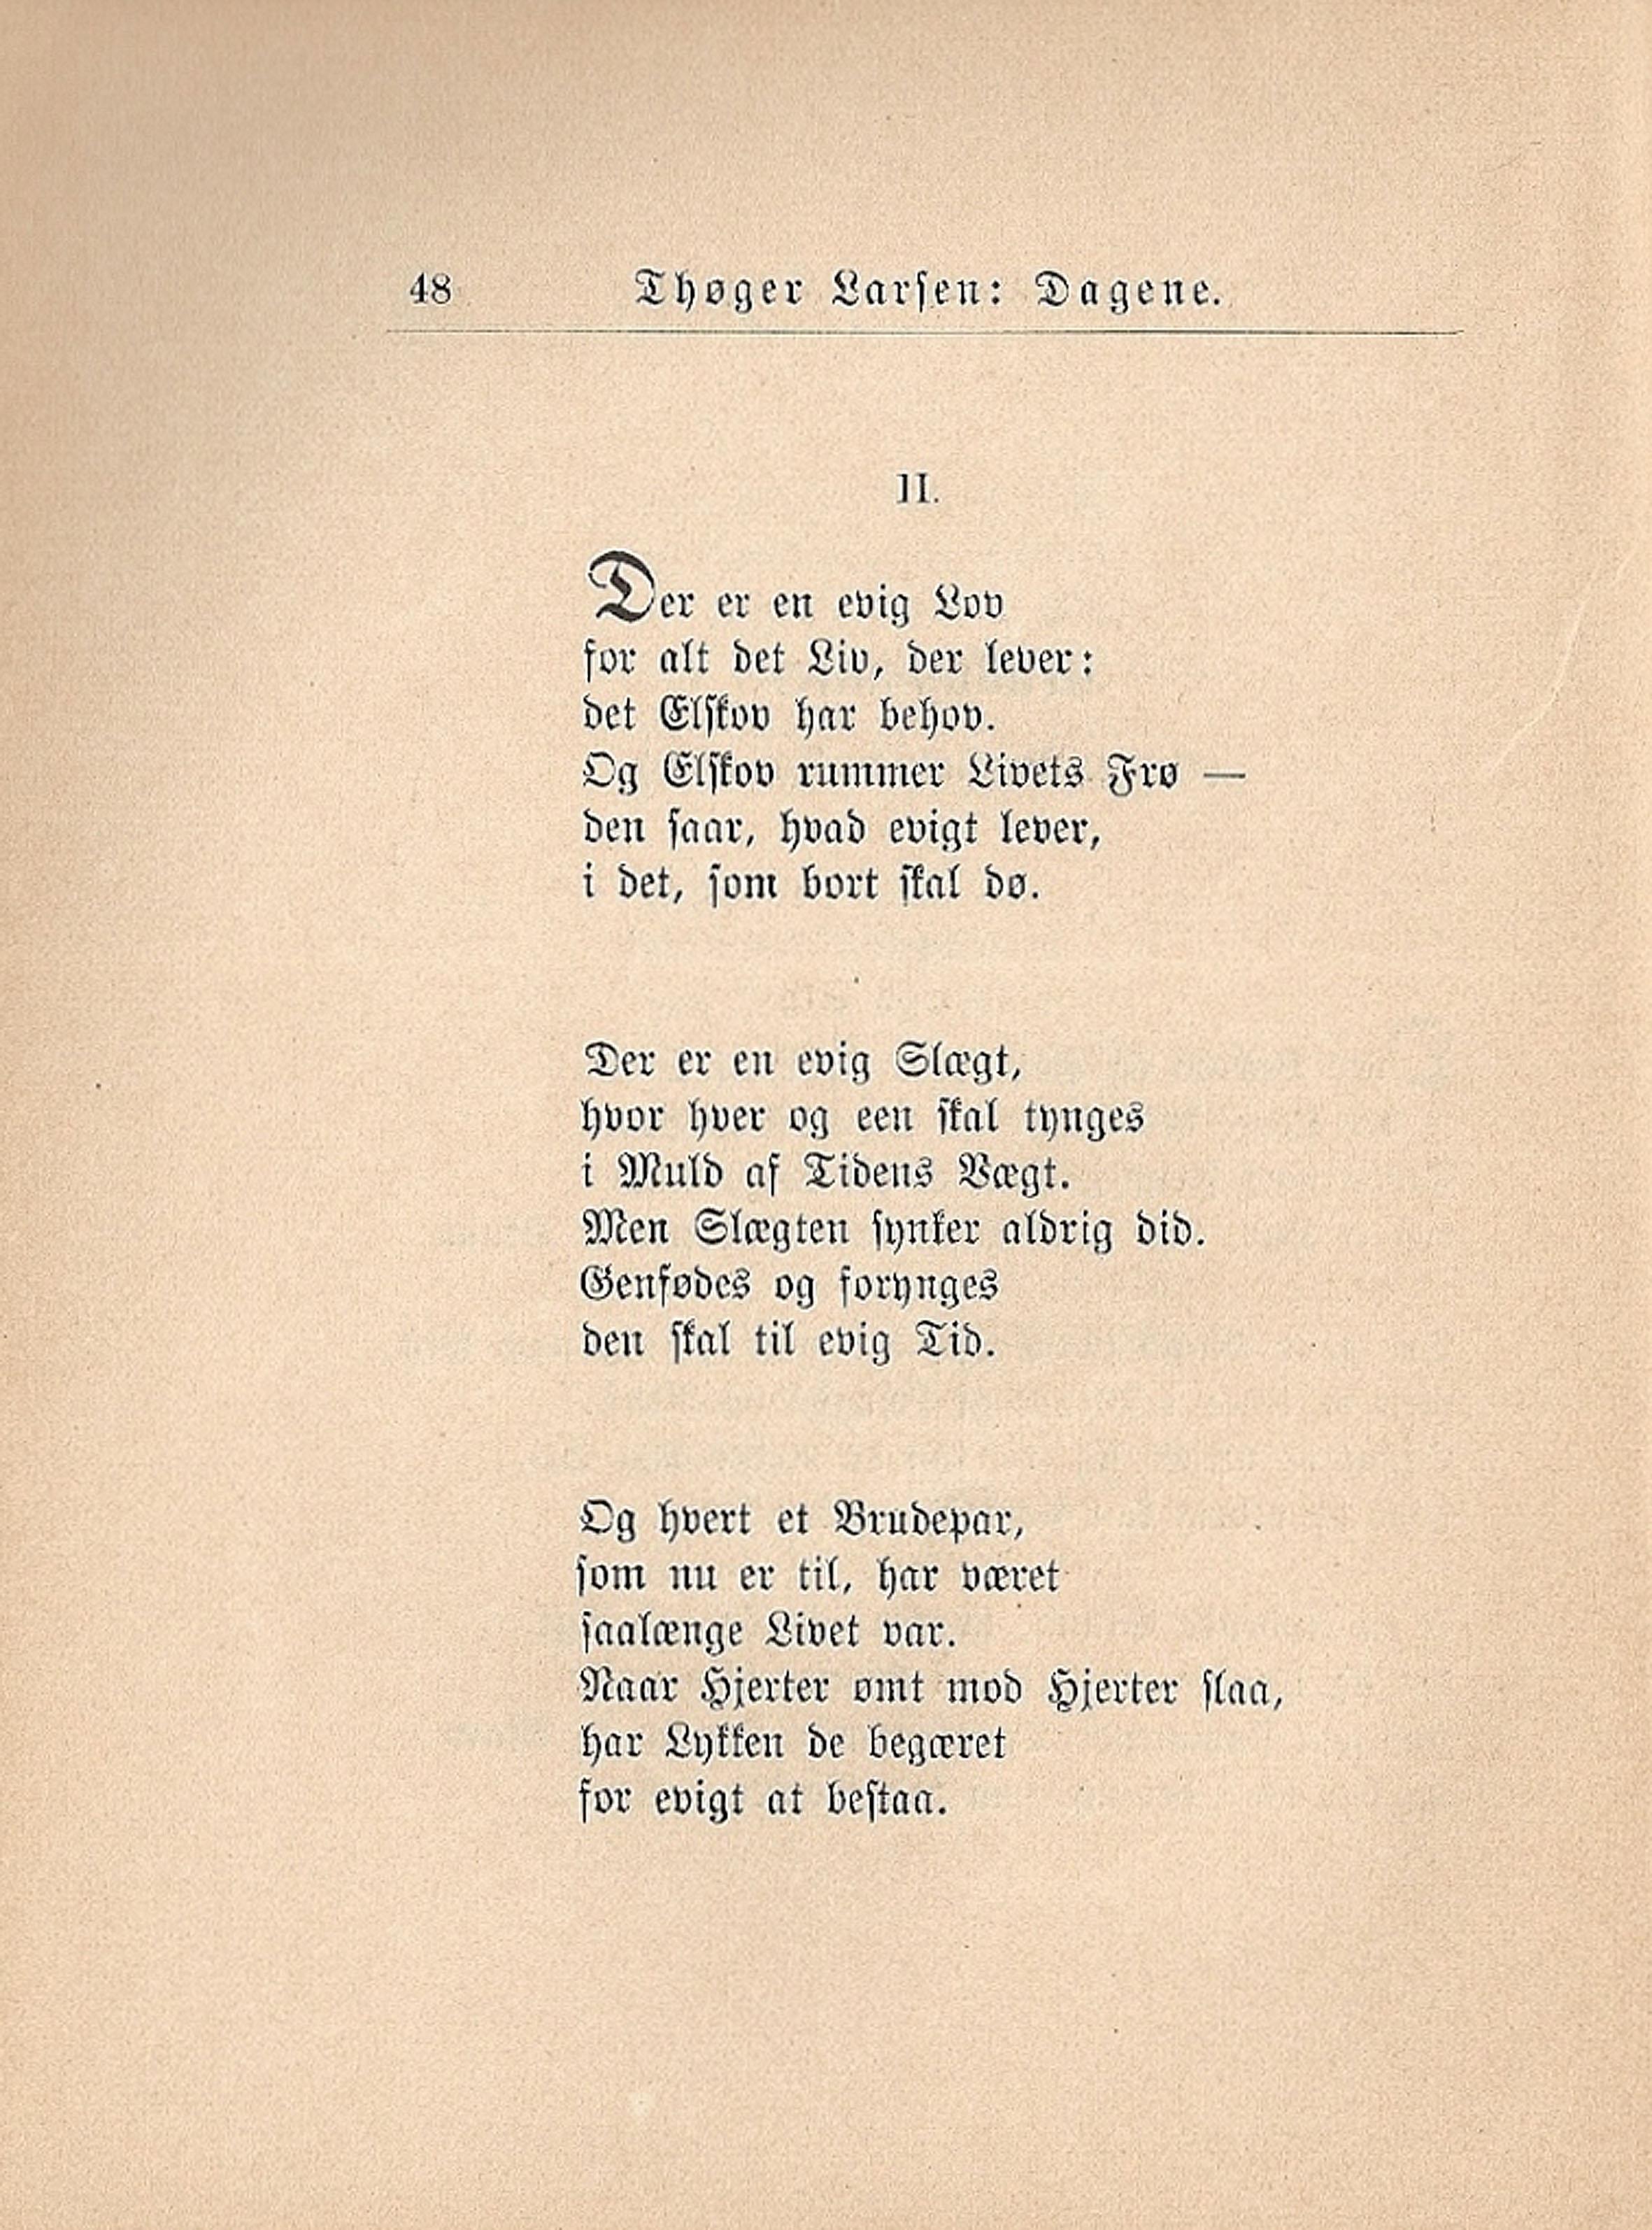 digt til brudepar